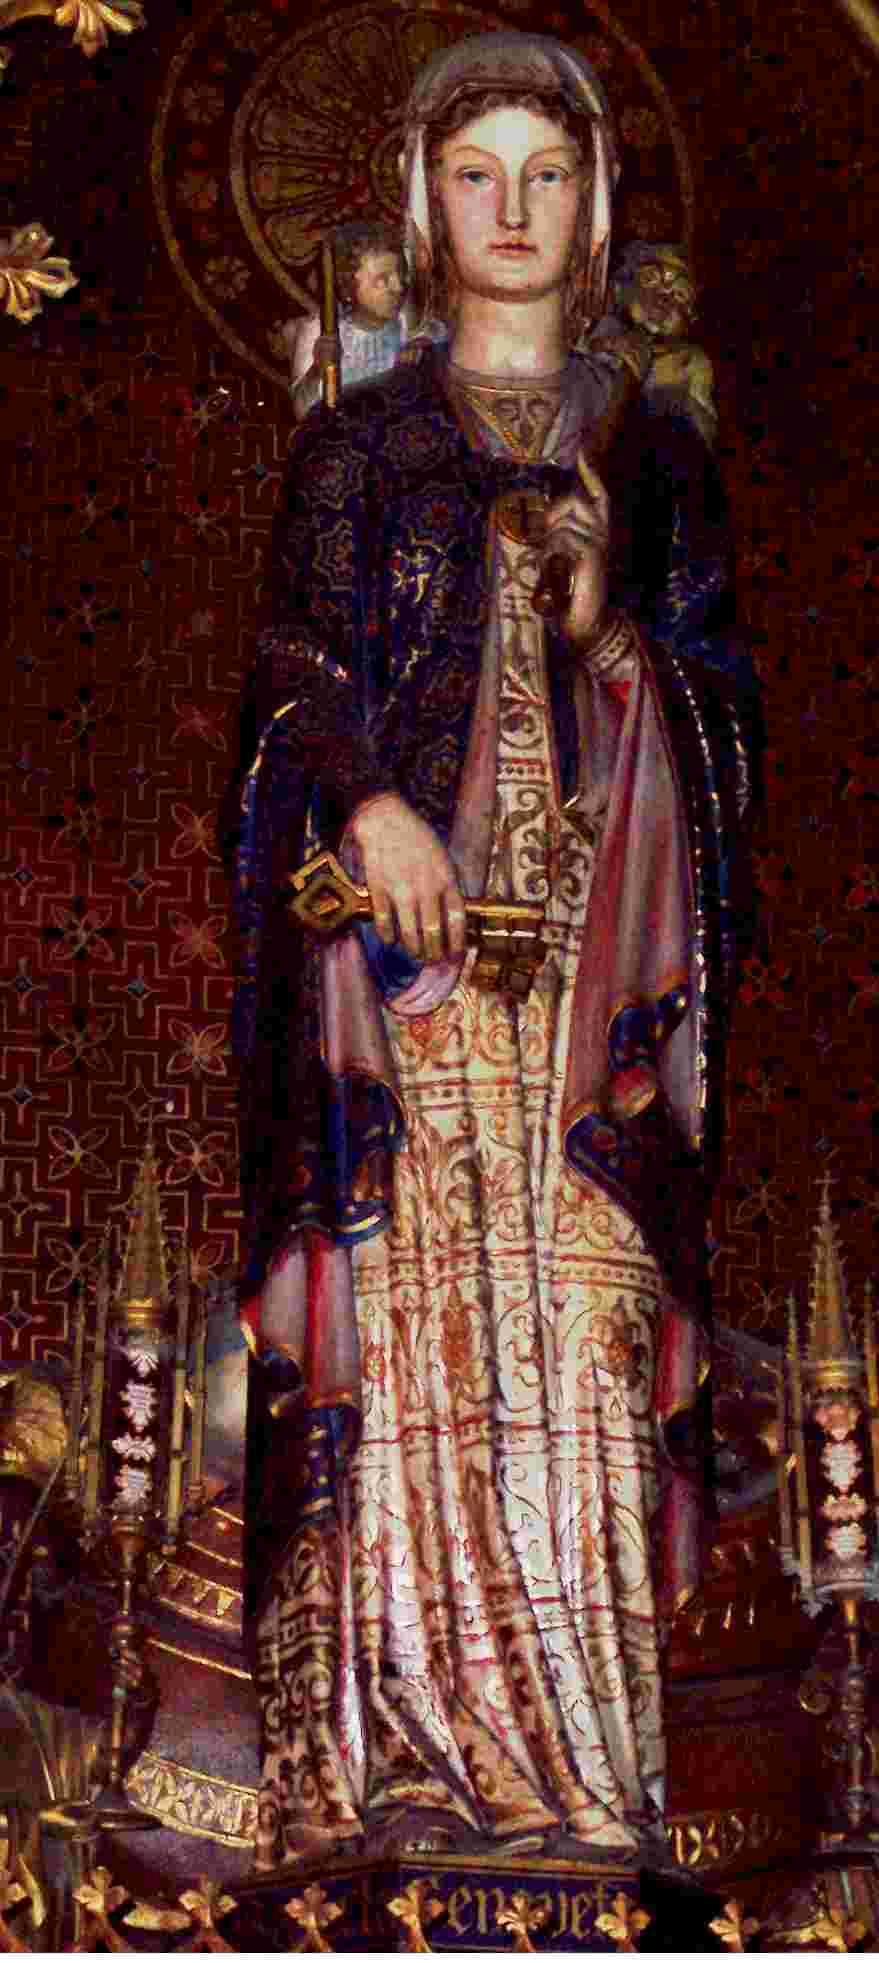 Sainte Geneviève, Vierge consacrée vivant en plein monde, représentée ici avec les clés de Paris, pour son rôle de femme politique ( elle siégeait au conseil de la ville) Geneviève reçut la consécration selon un rite extrêmement proche de celui rénové en 1970